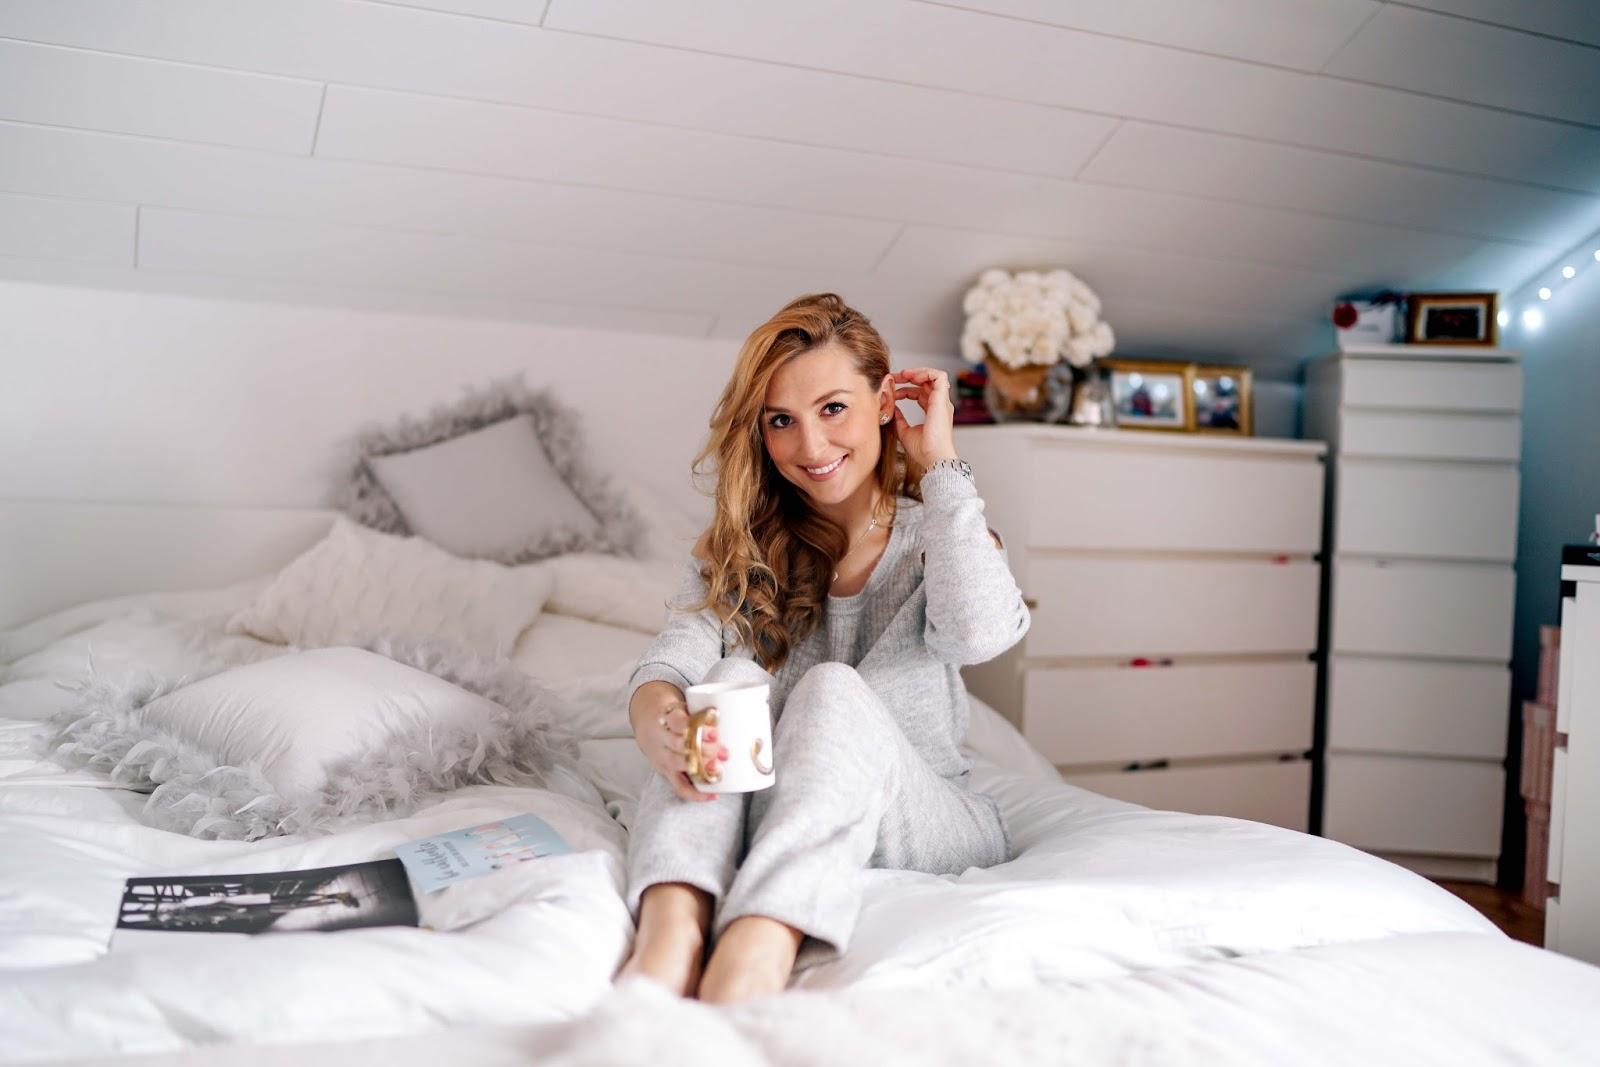 Fashionstylebyjohanna-zu-hause-gemütlicher-haus-look-cozy-sewather-cozy-look-für-zu-hause-joggingsanzug-fashion5-offshoulder-bloggerstyle-fashionblogger-aus-deutschland